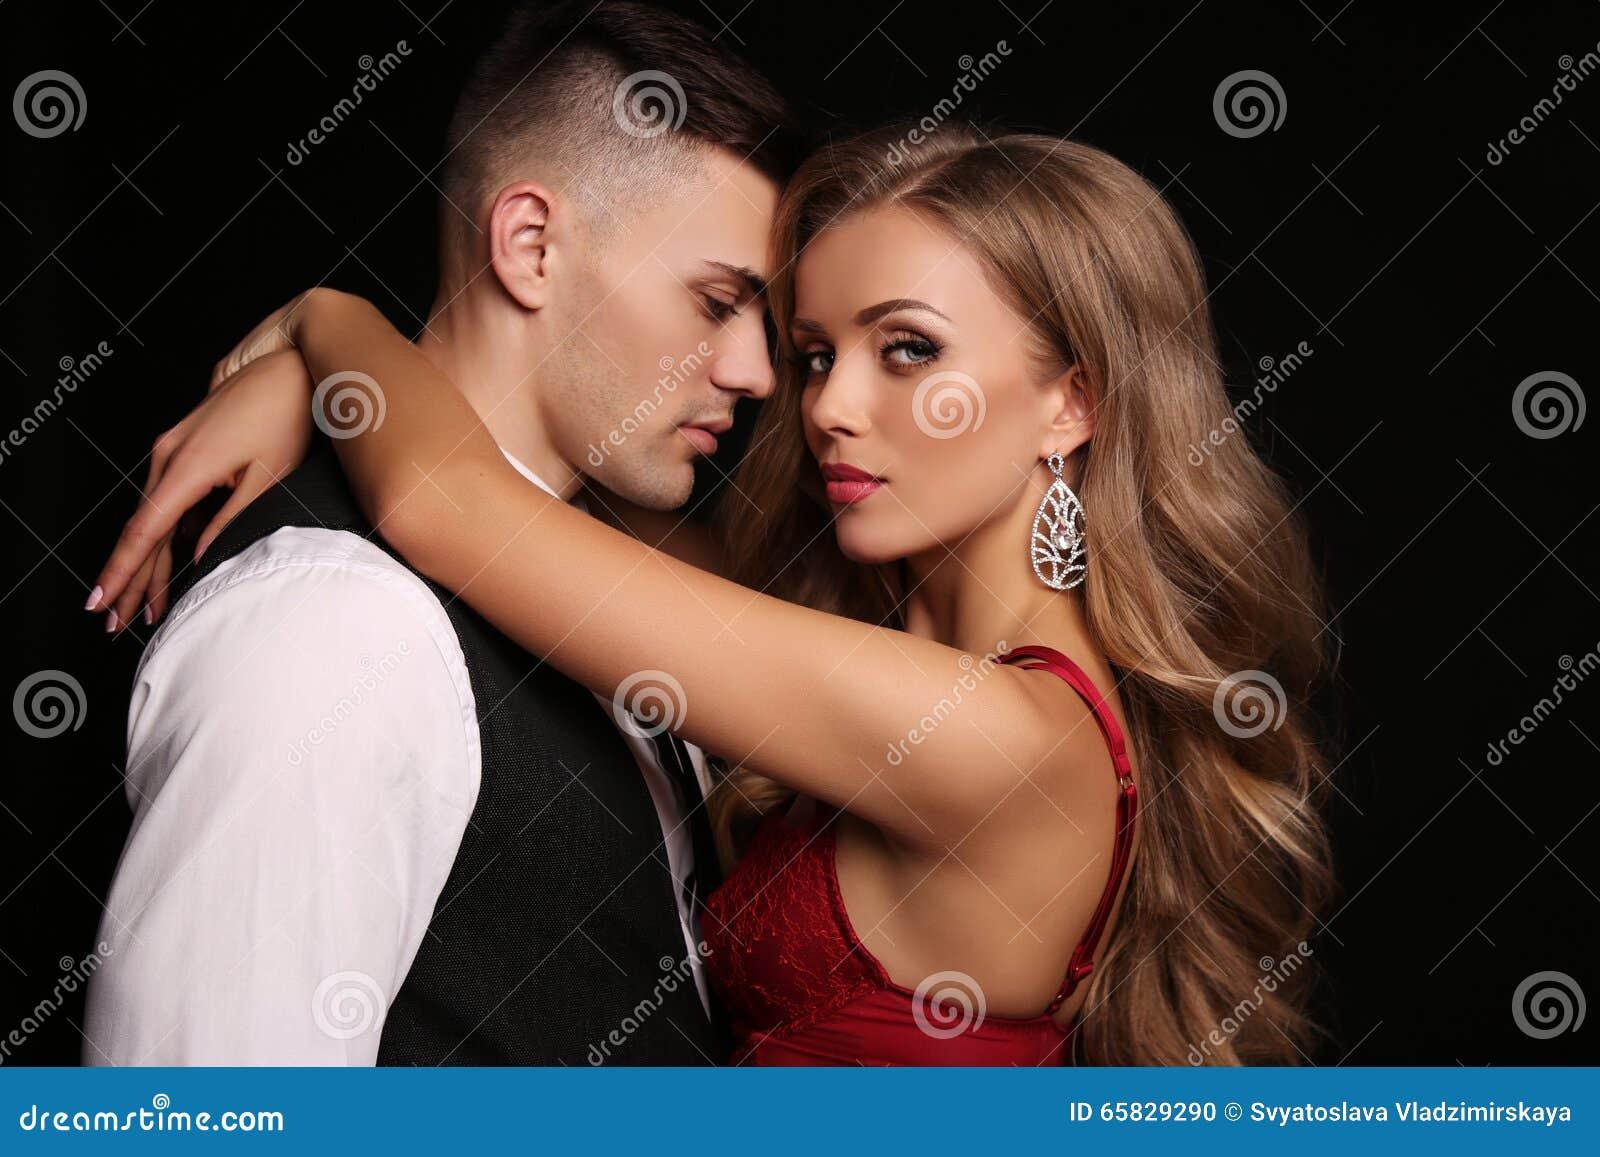 рассказы о сексе пара с девушкой